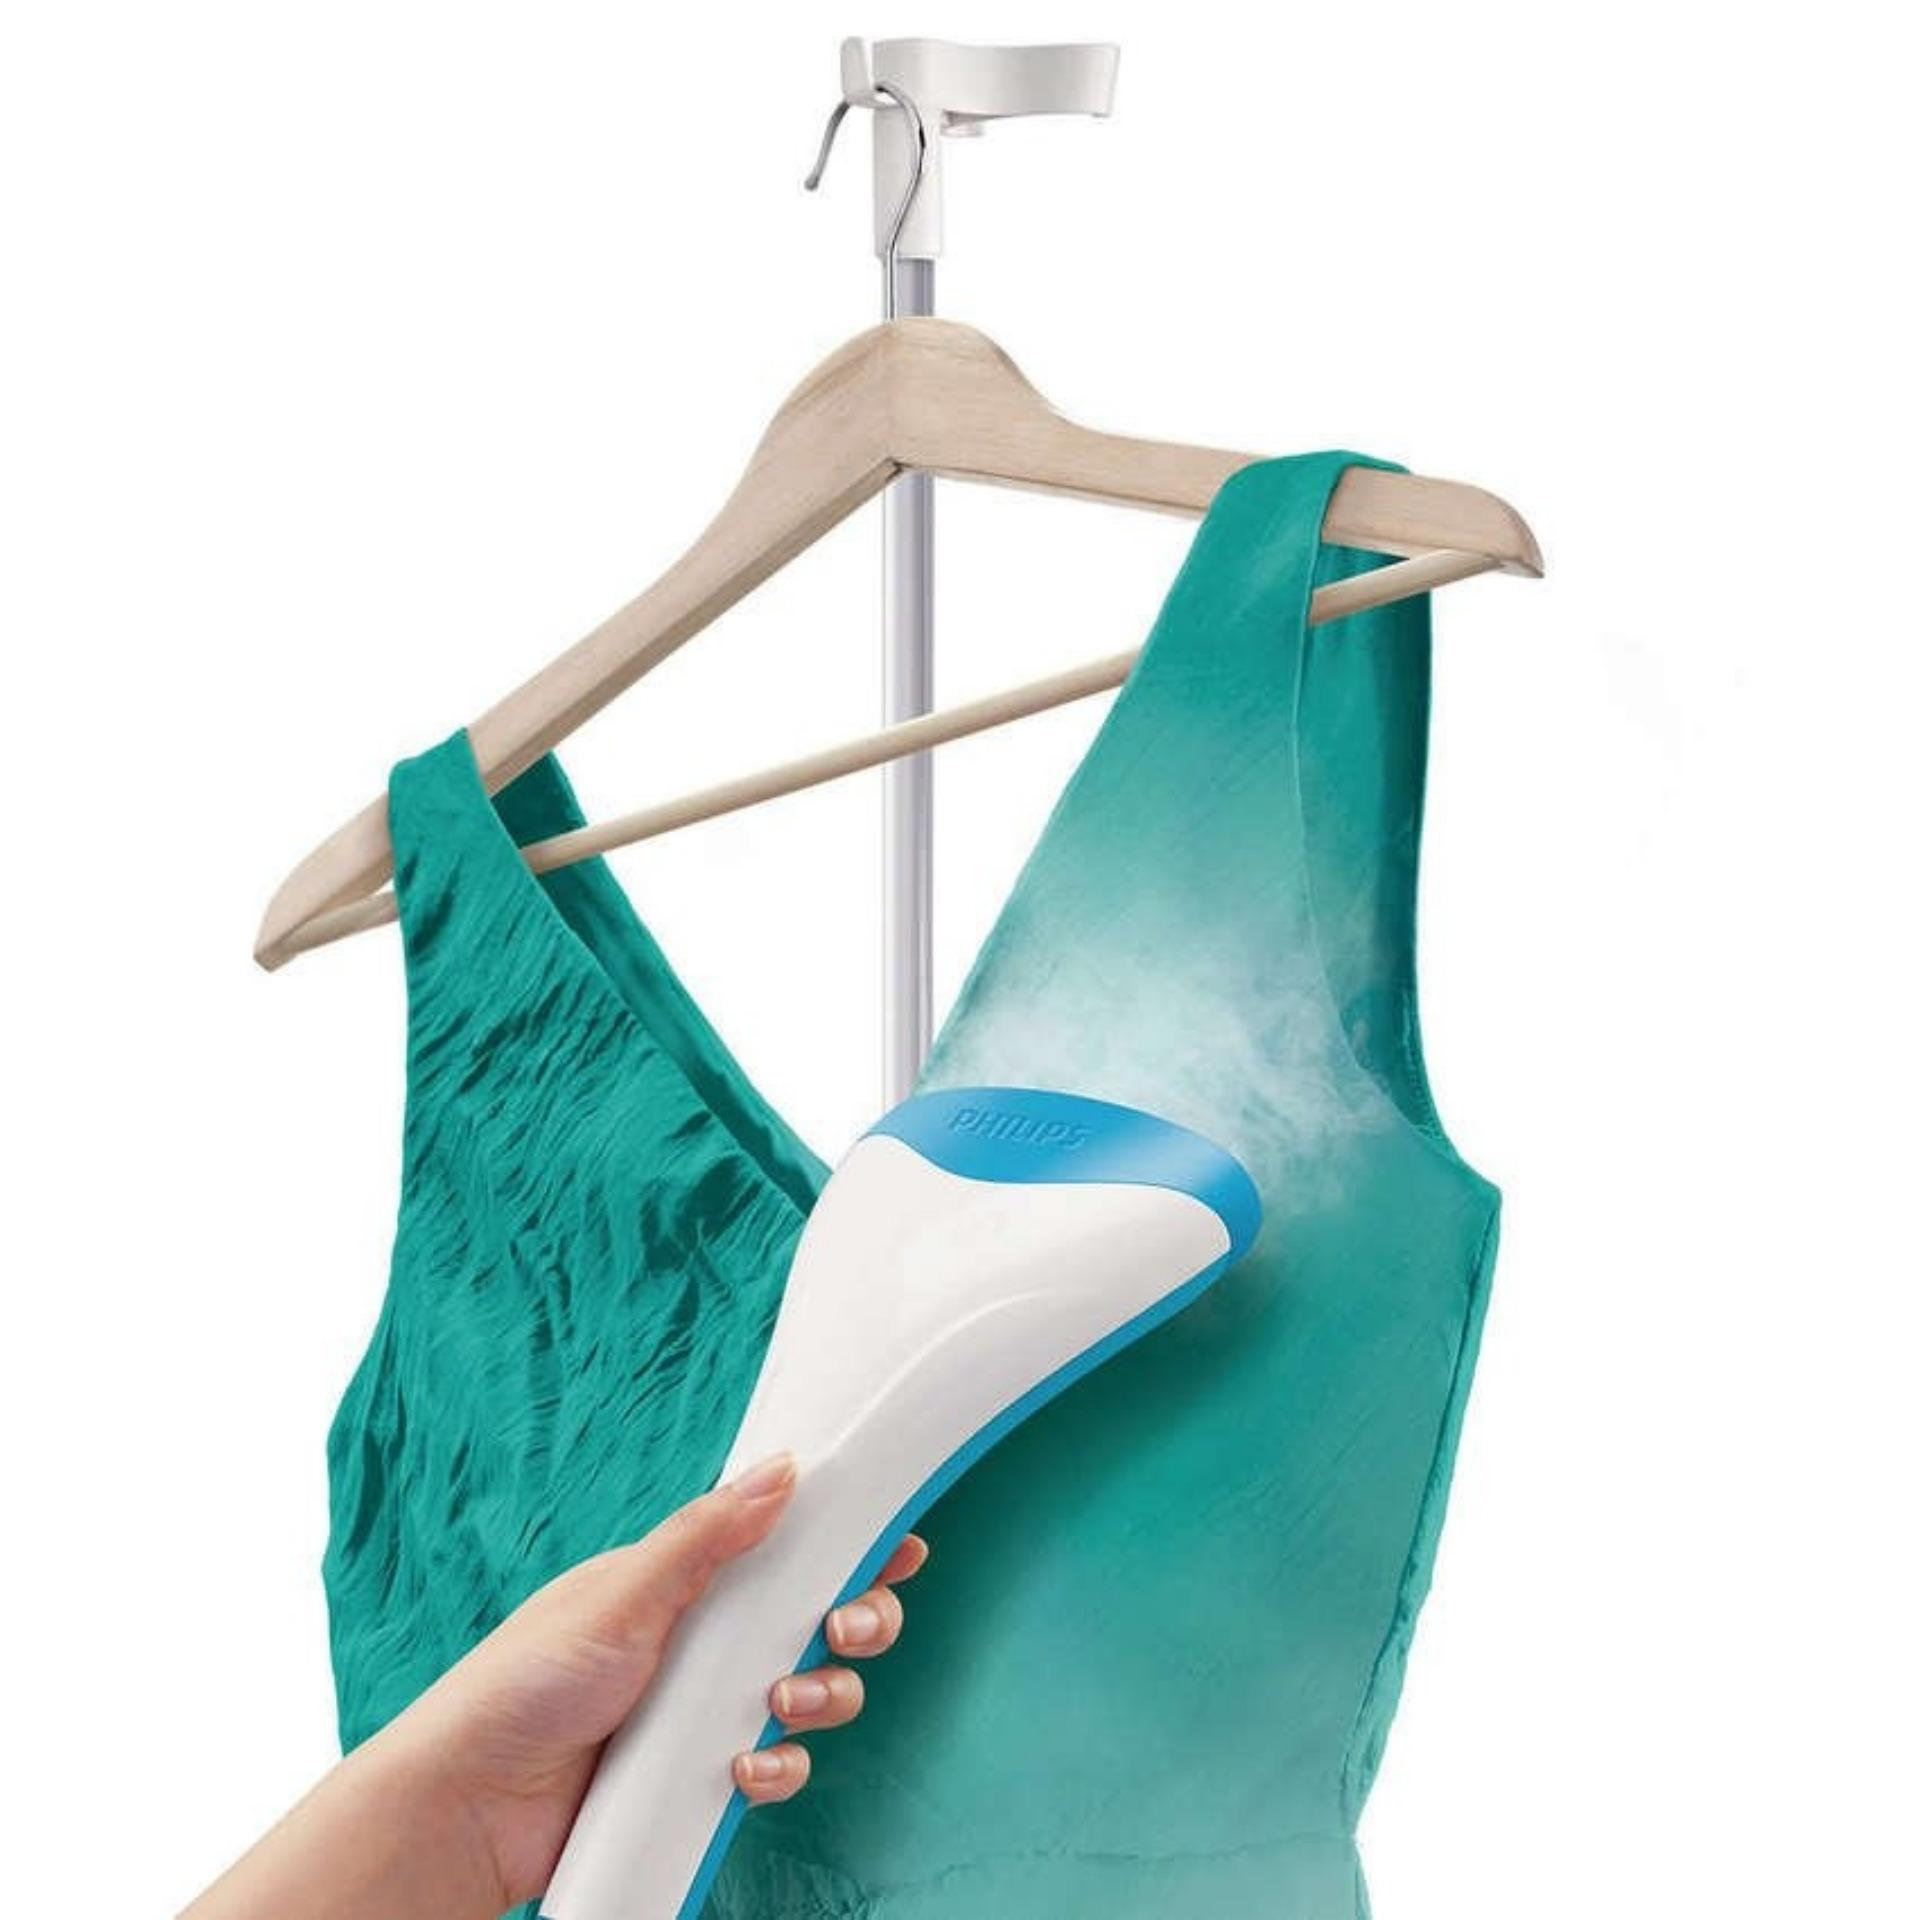 Bàn ủi hơi nước đứng Philips GC502 (Xanh) - Hàng nhập khẩu + Tặng xà phòng tẩy vết bẩn cổ áo